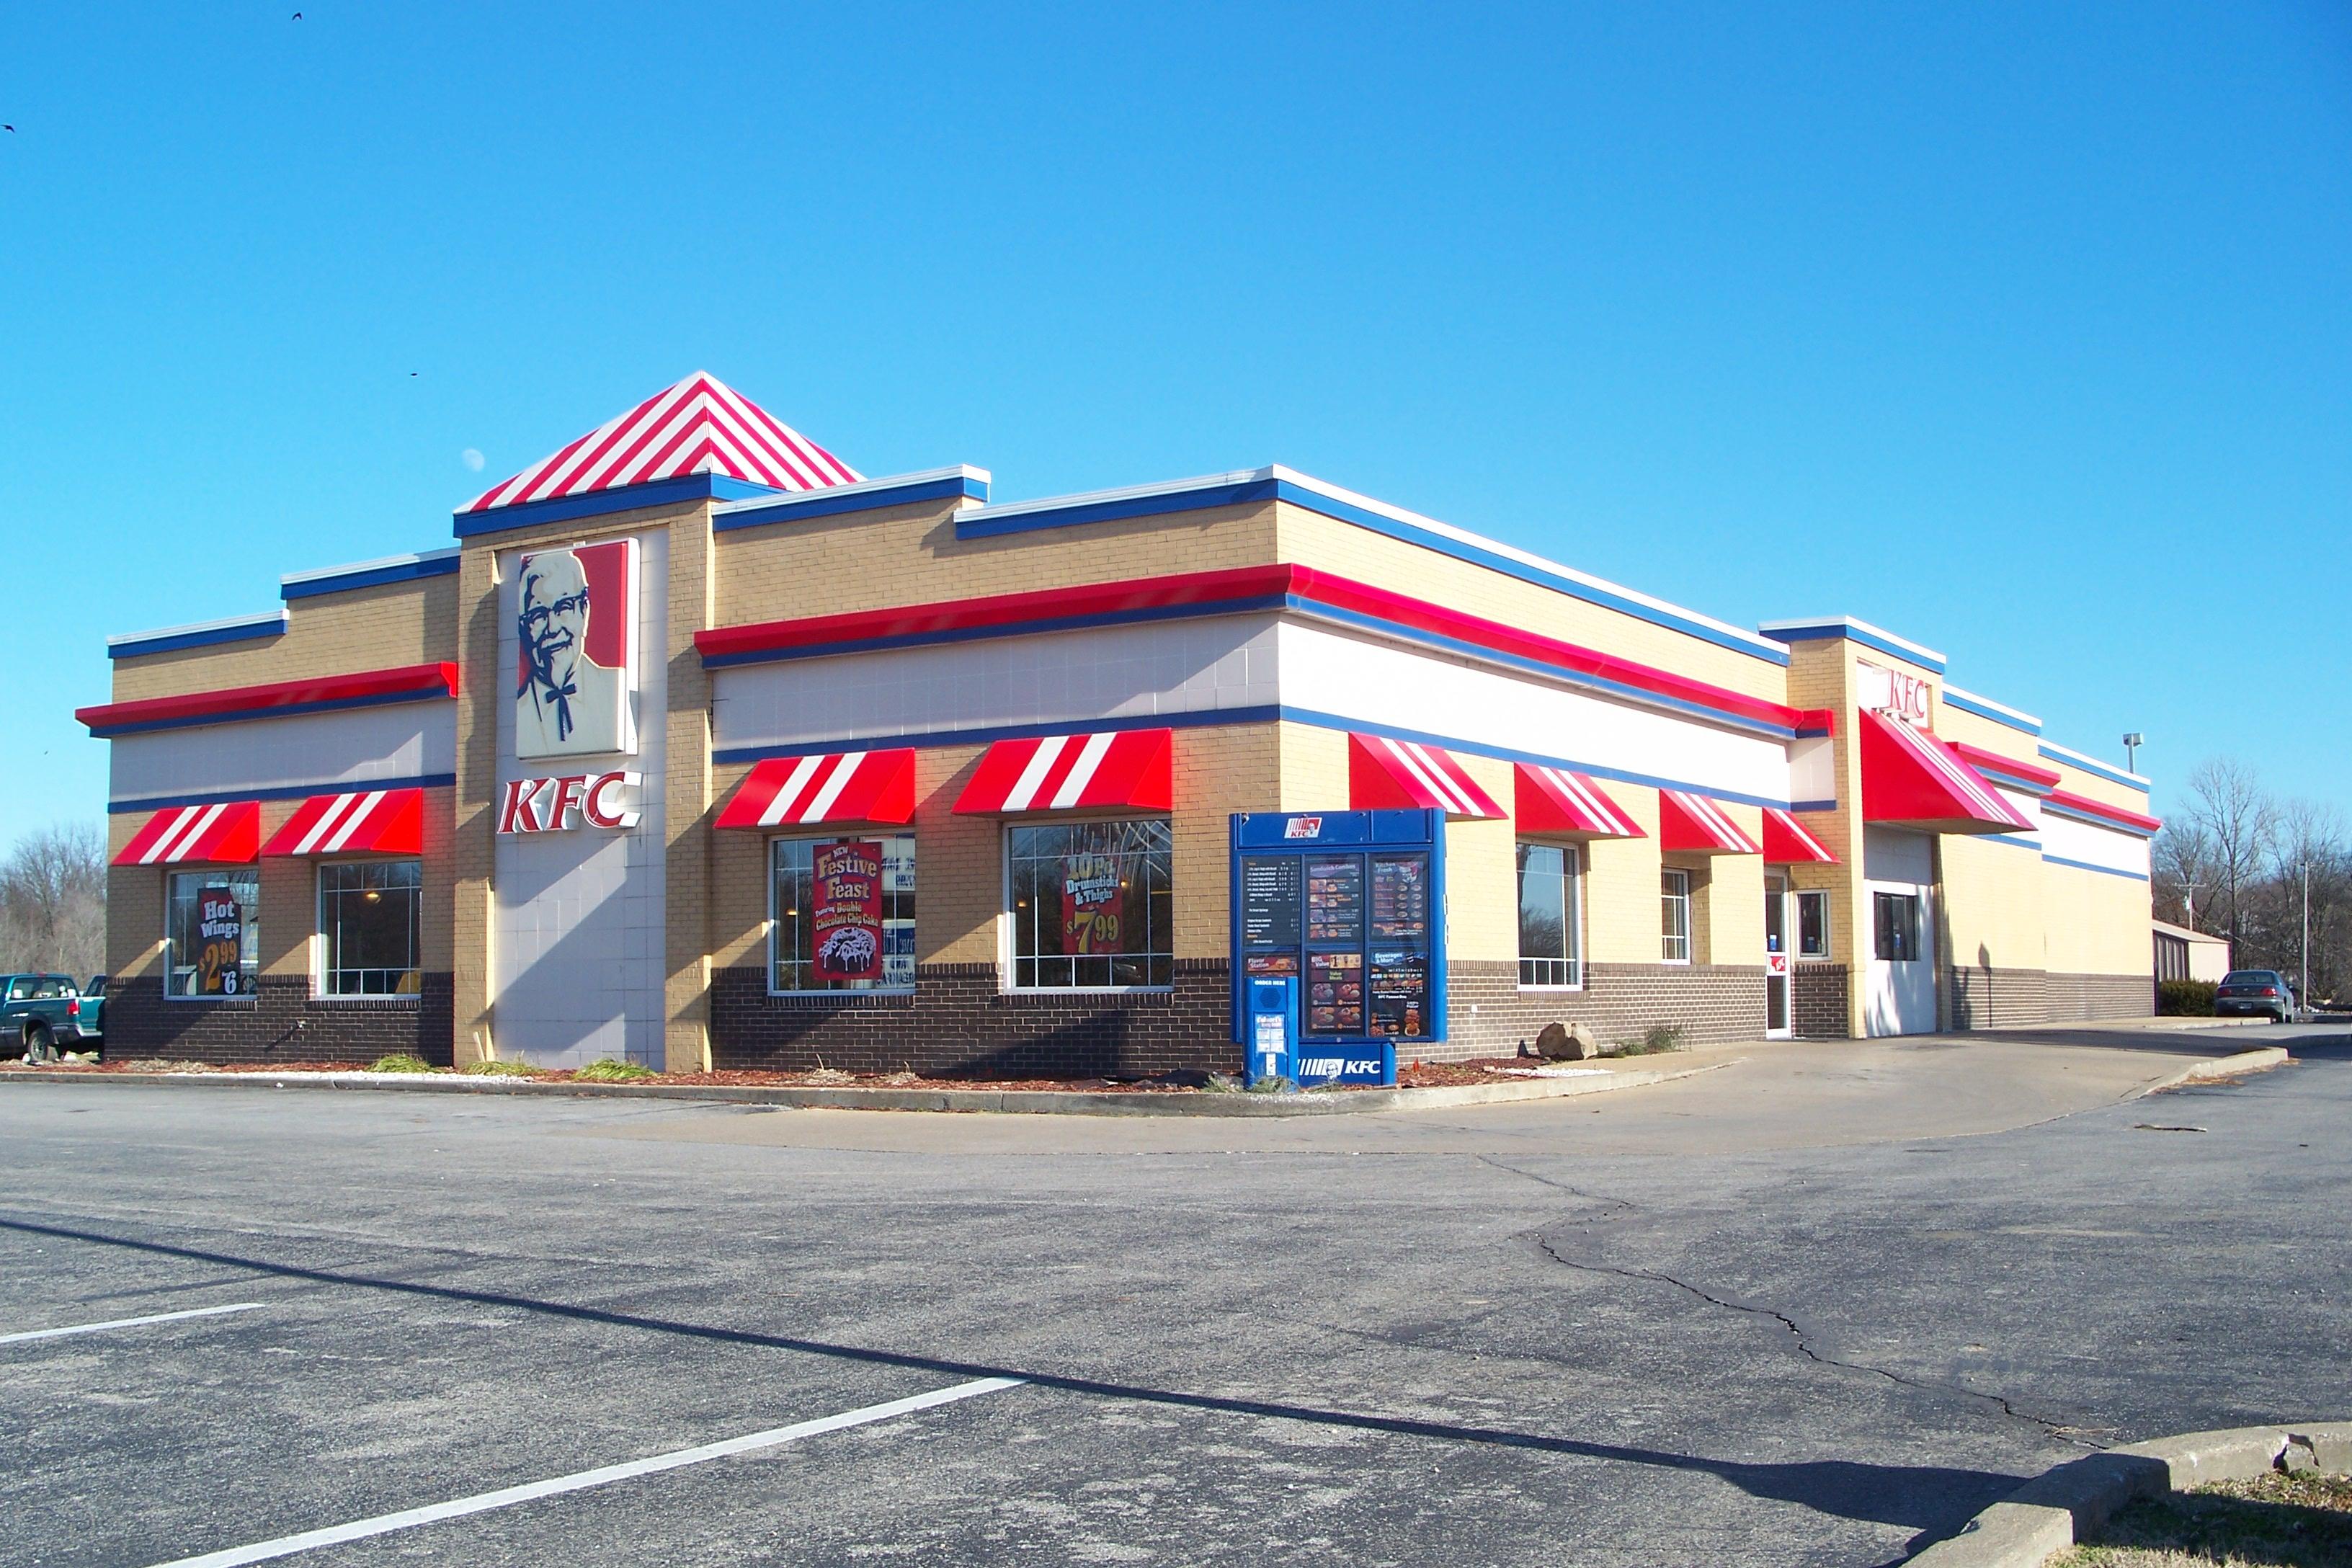 Harrisburg (IL) United States  city photo : Harrisburg IL KFC restaurant